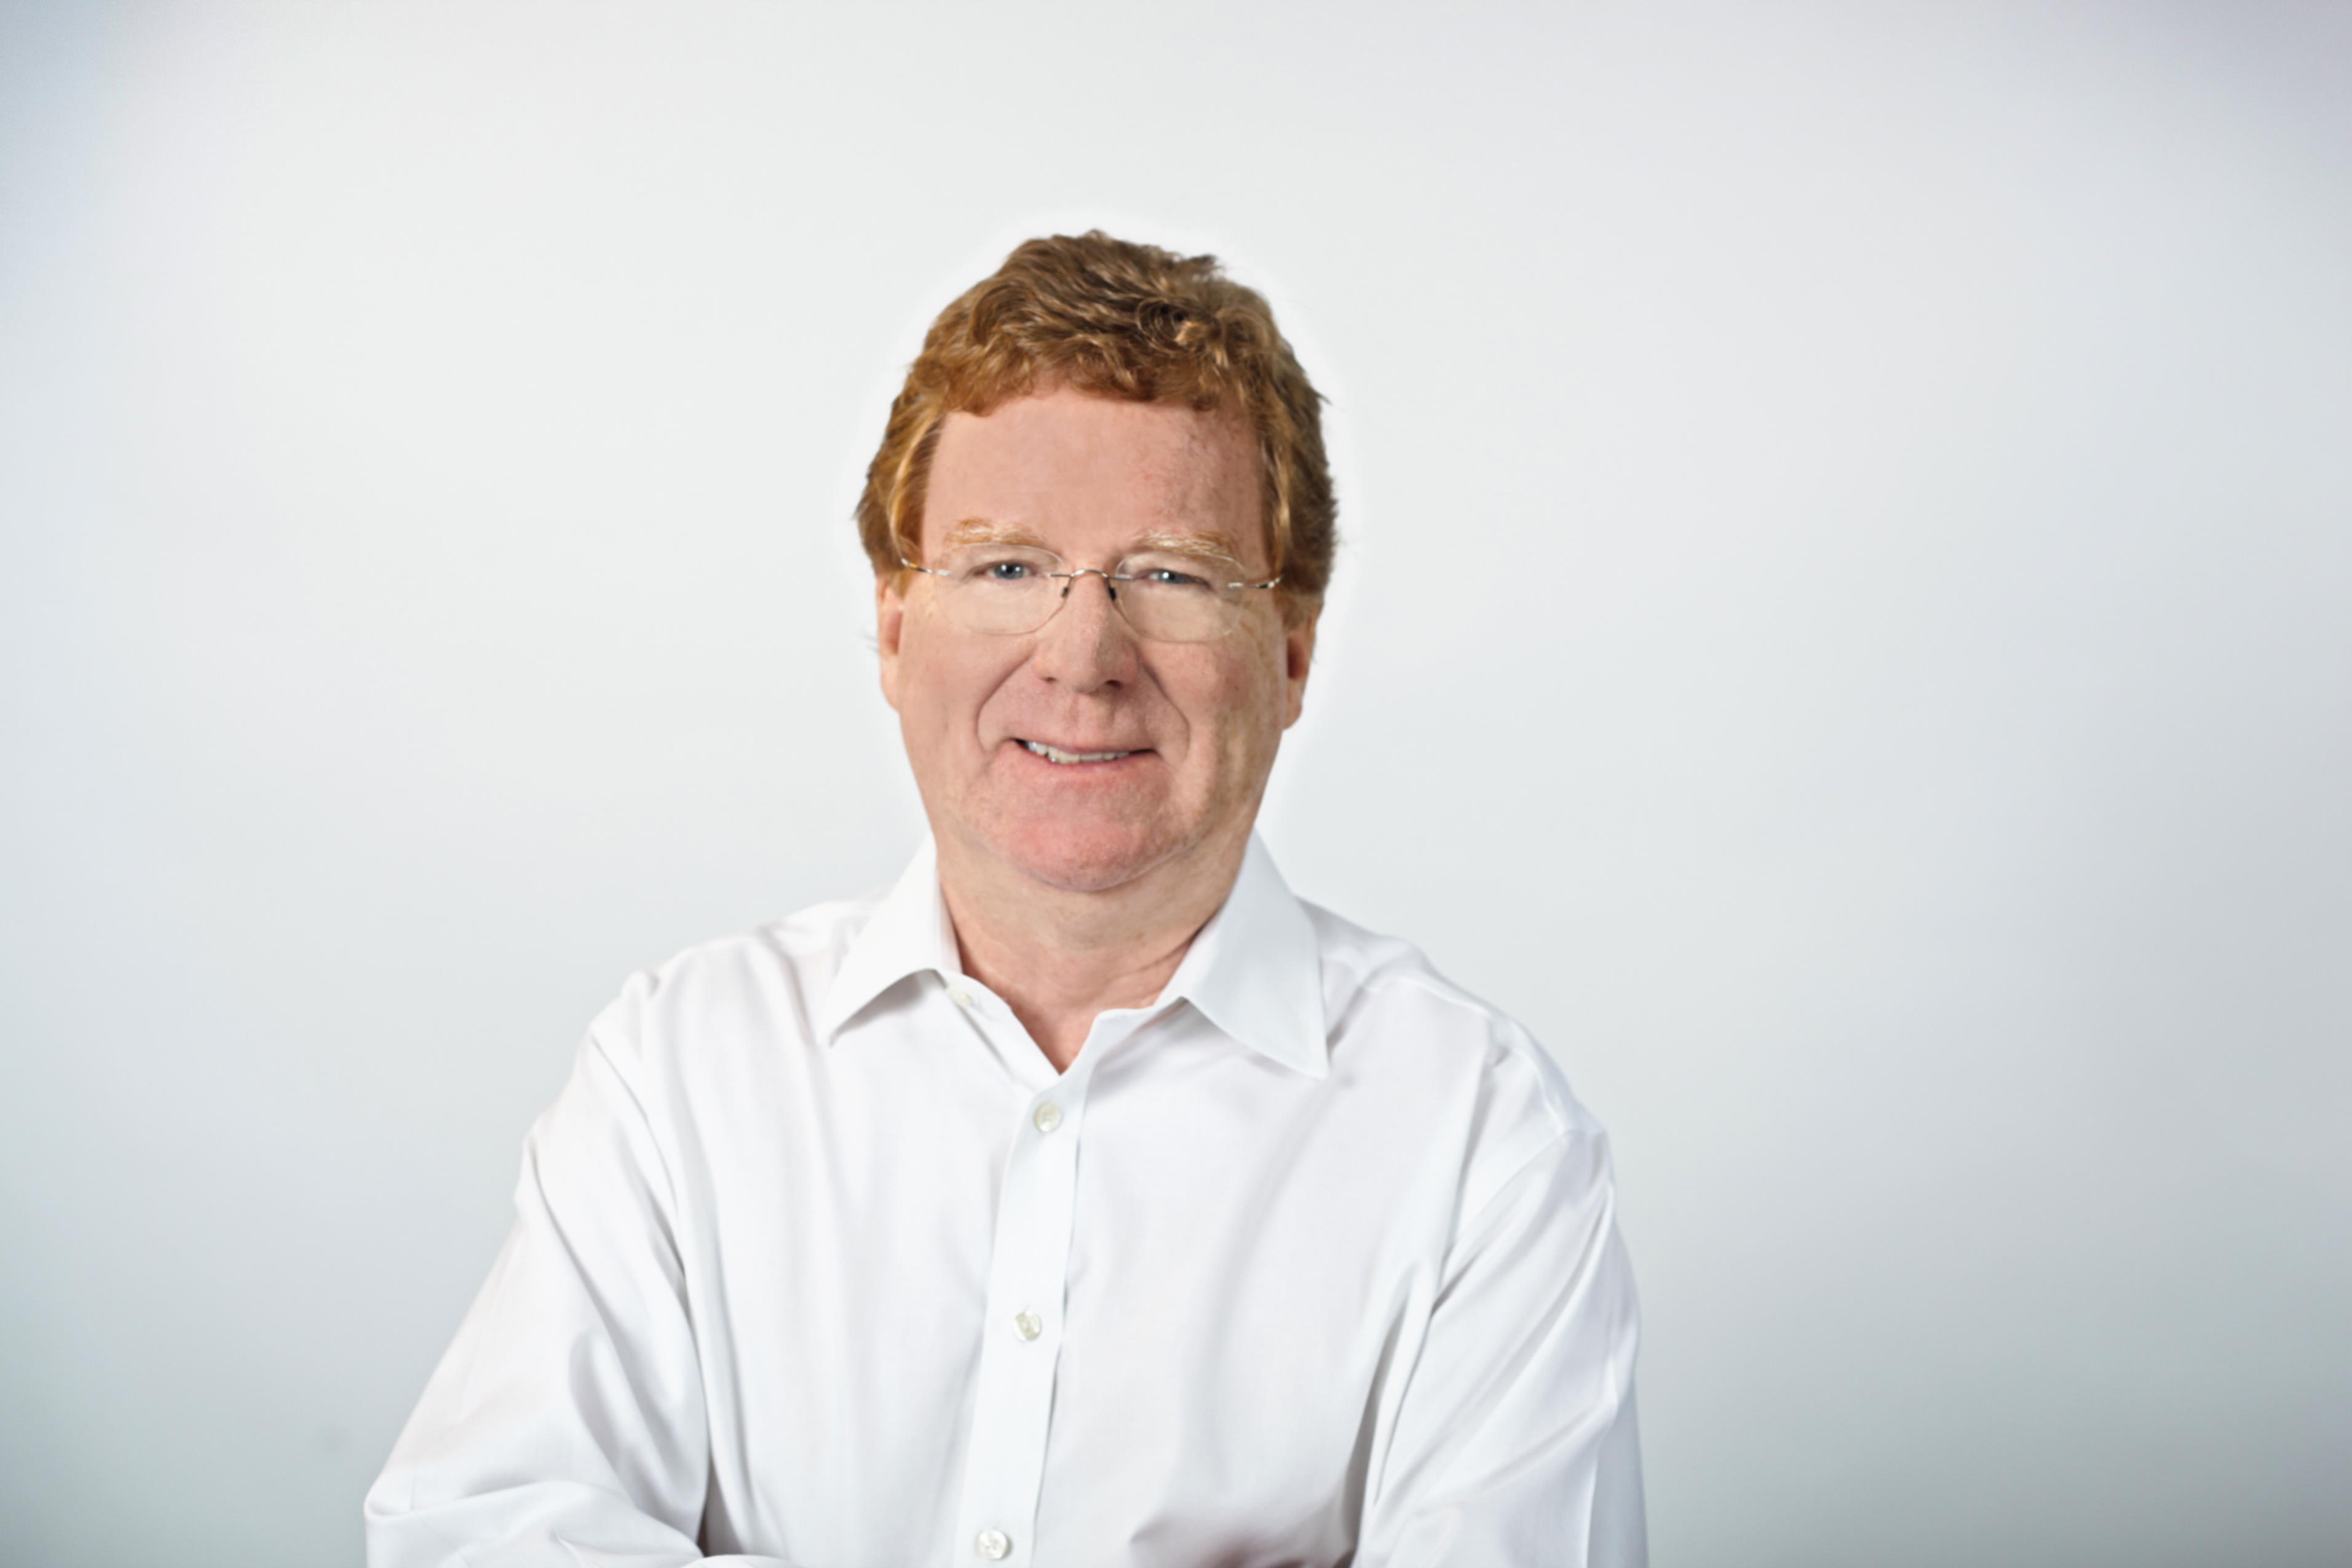 Dave Fitzgerald